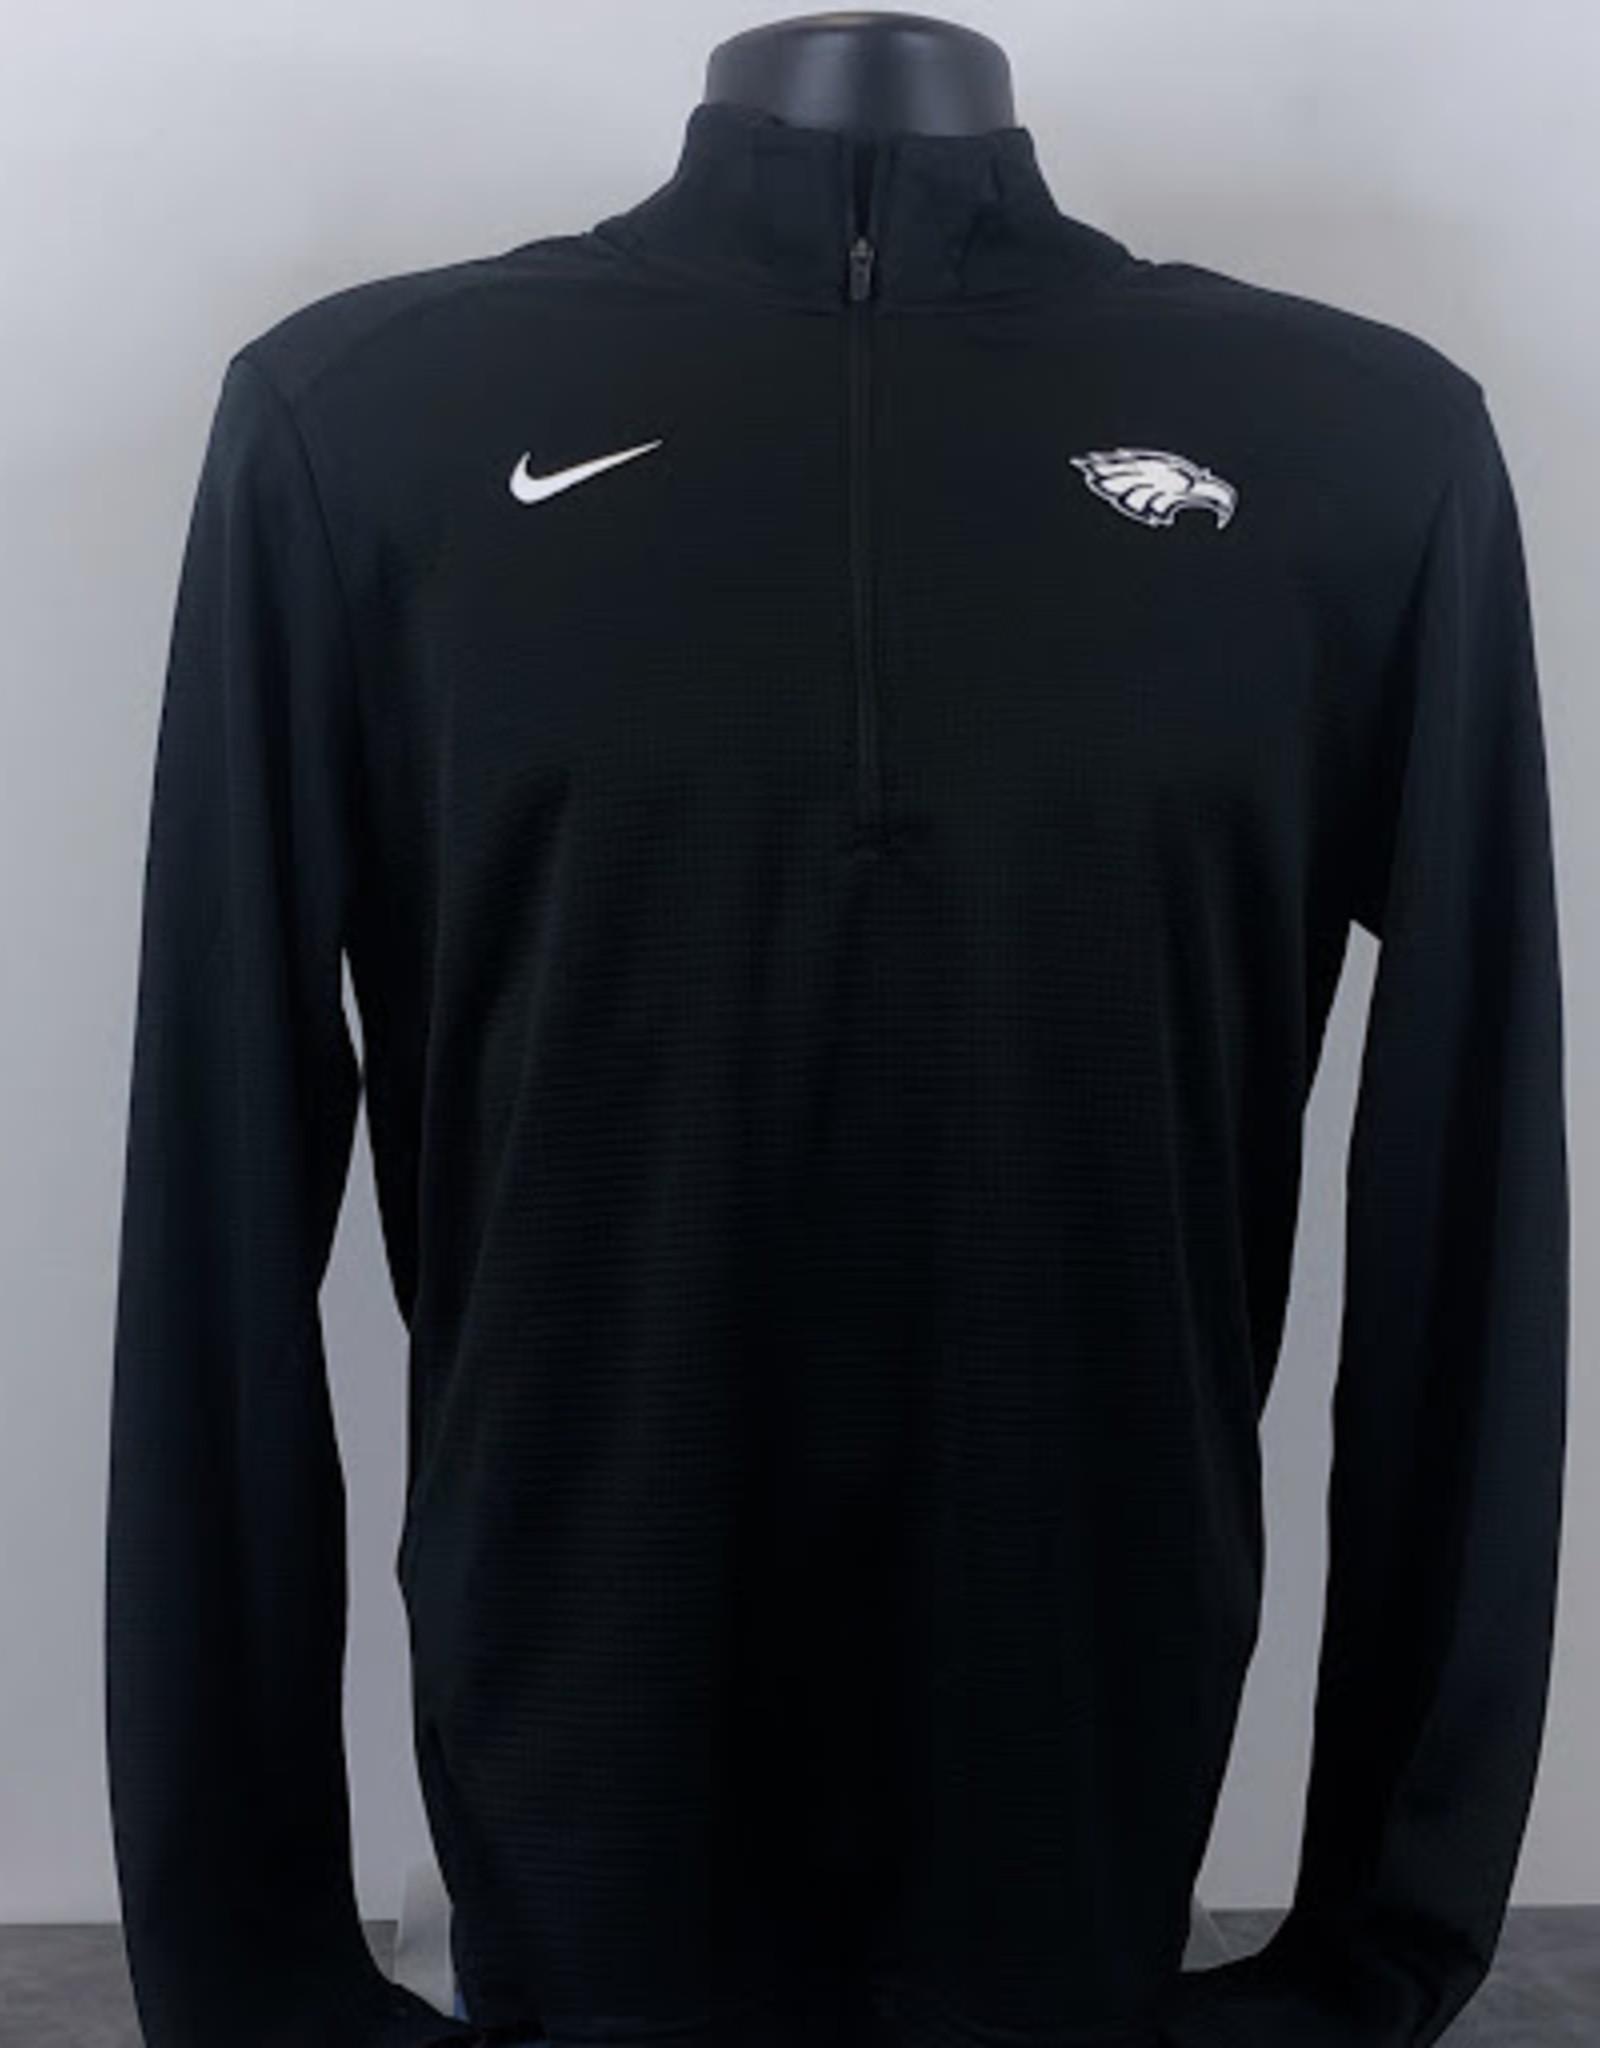 Nike Pacer 1/4 Zip Top